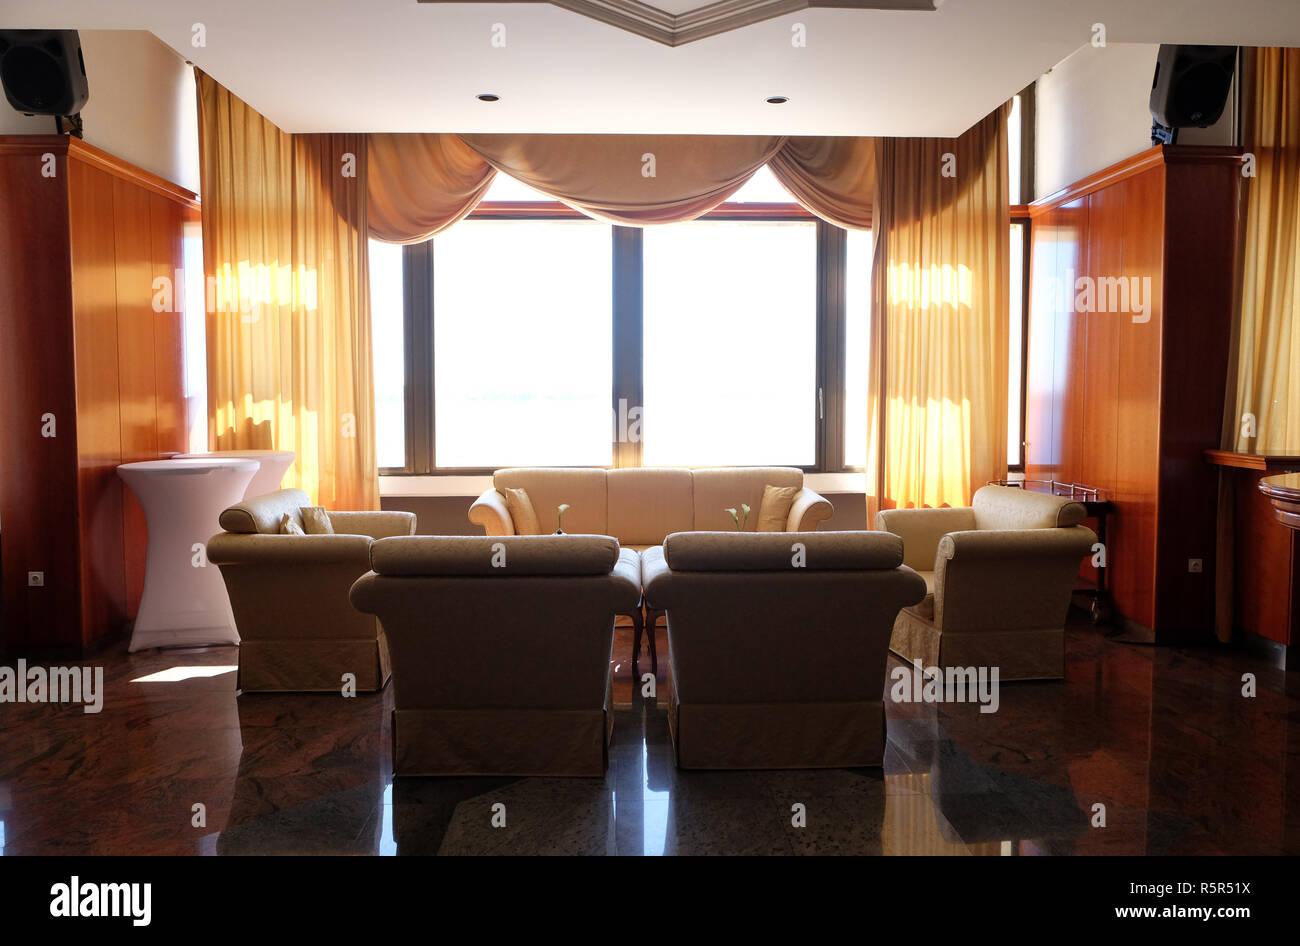 Ein Luxus Resort Hotel Lobby Und Wohnzimmer Lounge Im Grand Hotel